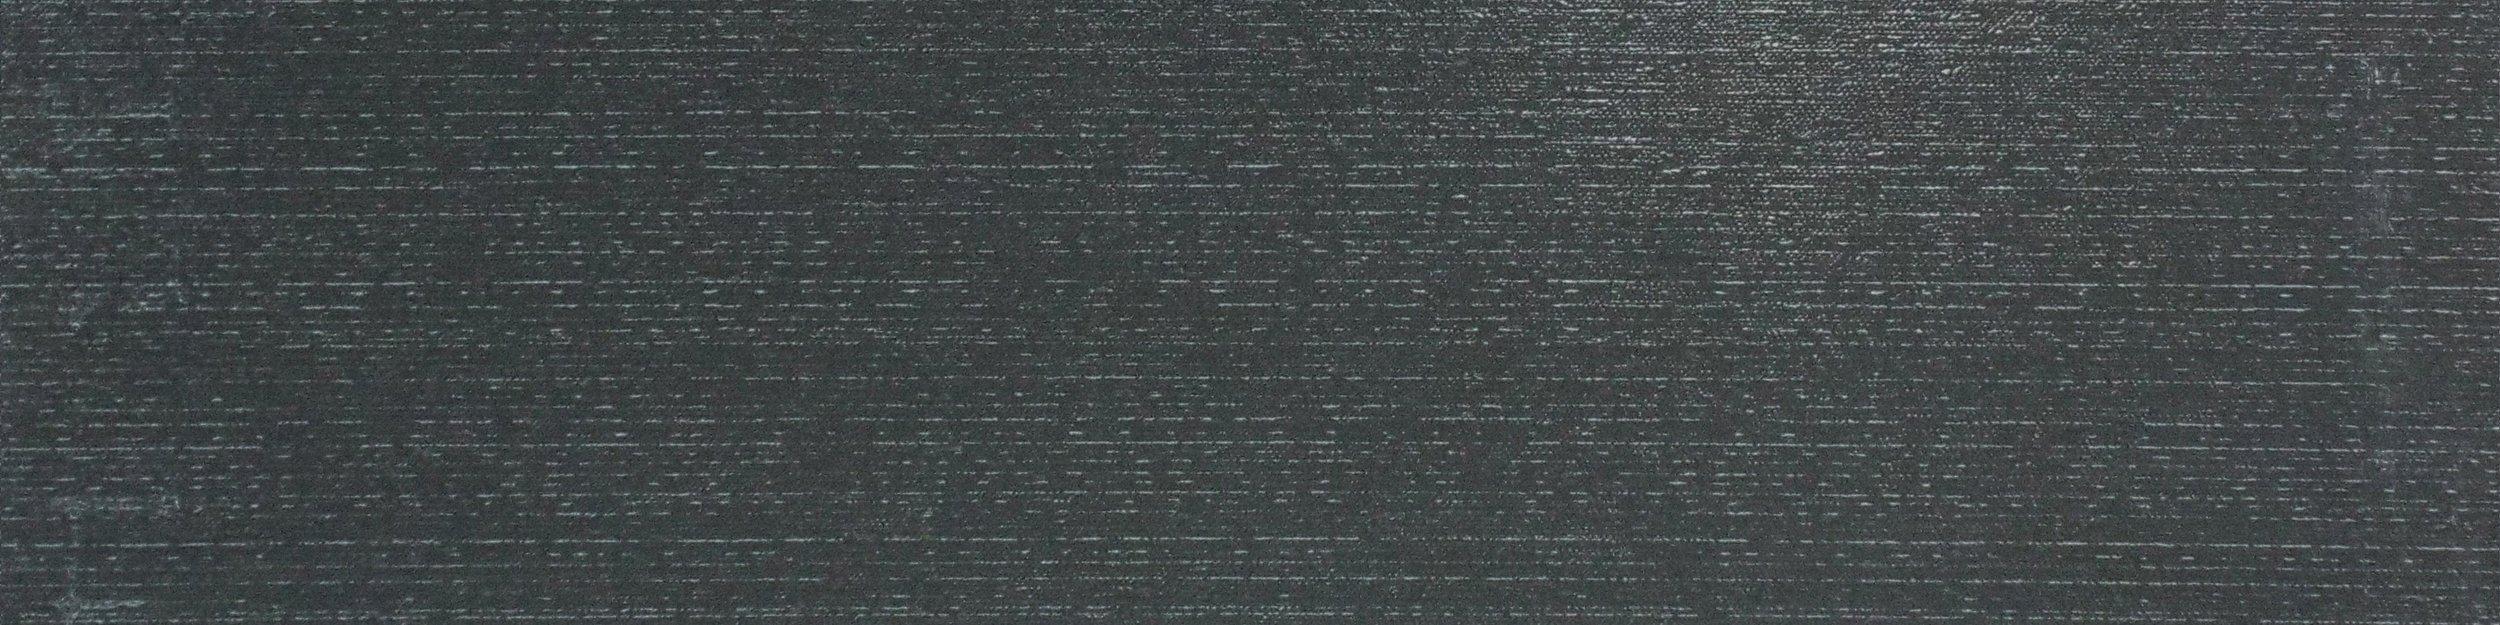 """Zodiac - Midnight 6""""x24""""   15.50 SF/CTN  16 PC/CTN  48 CTN/PLT"""